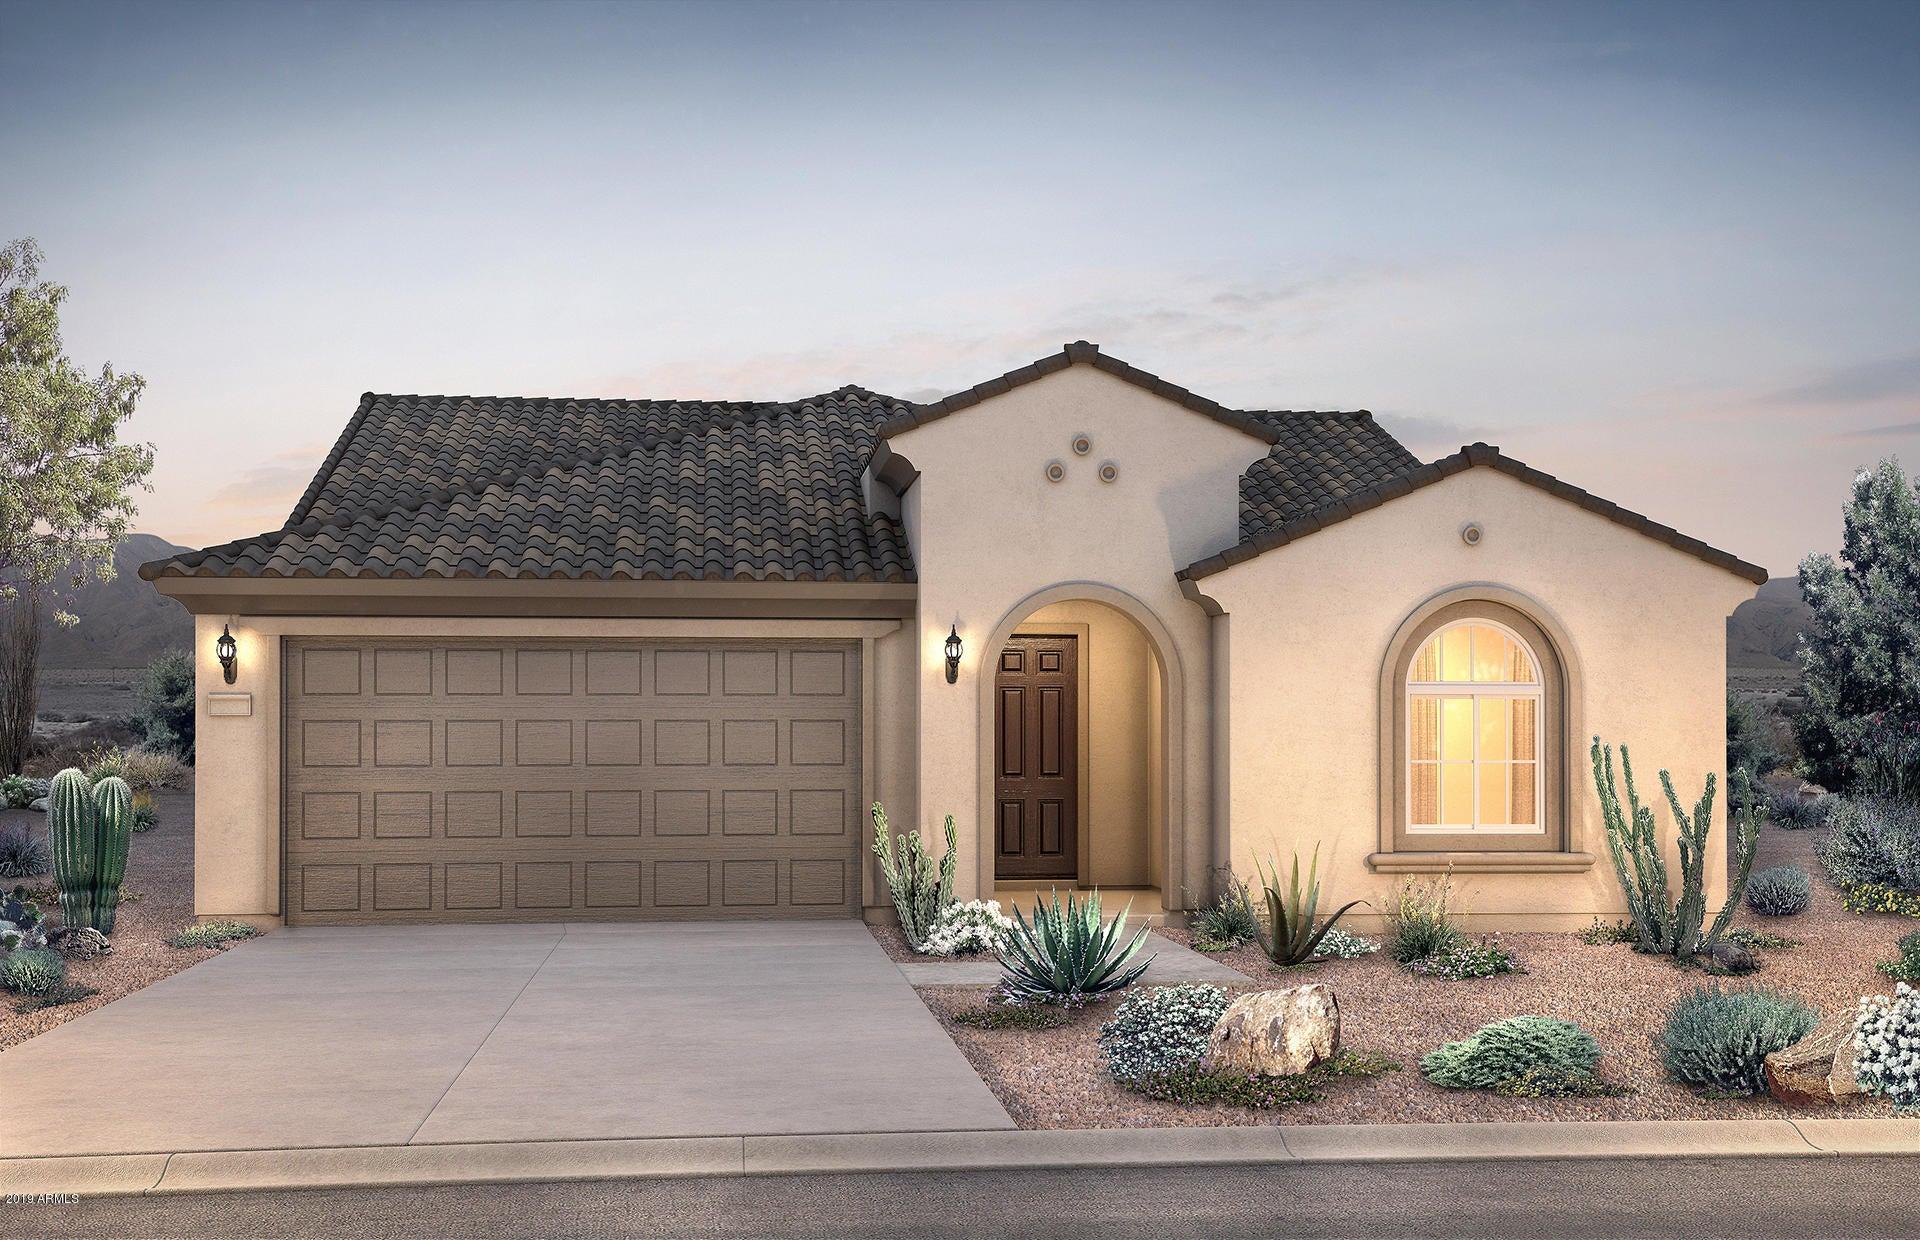 21220 N 265TH Drive, Buckeye, AZ 85396